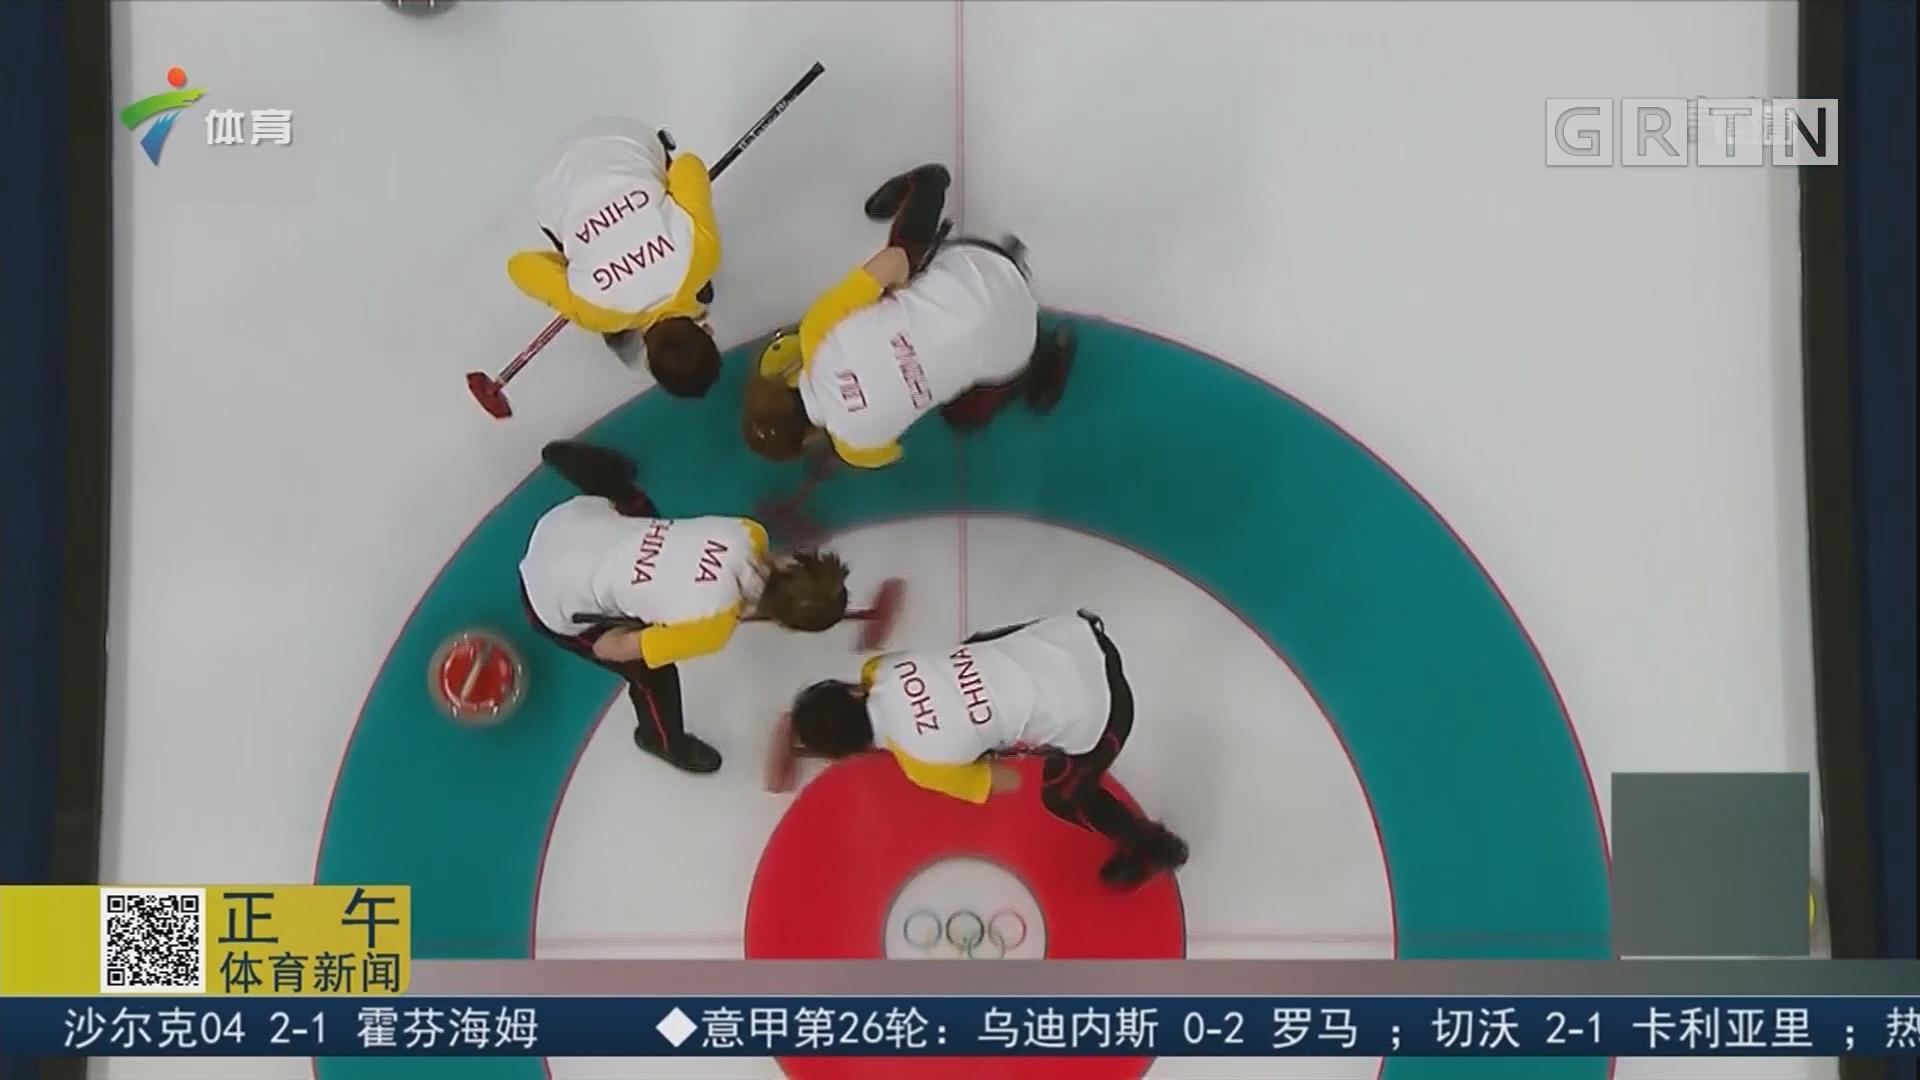 中国女子冰壶队 一日双赛双喜临门